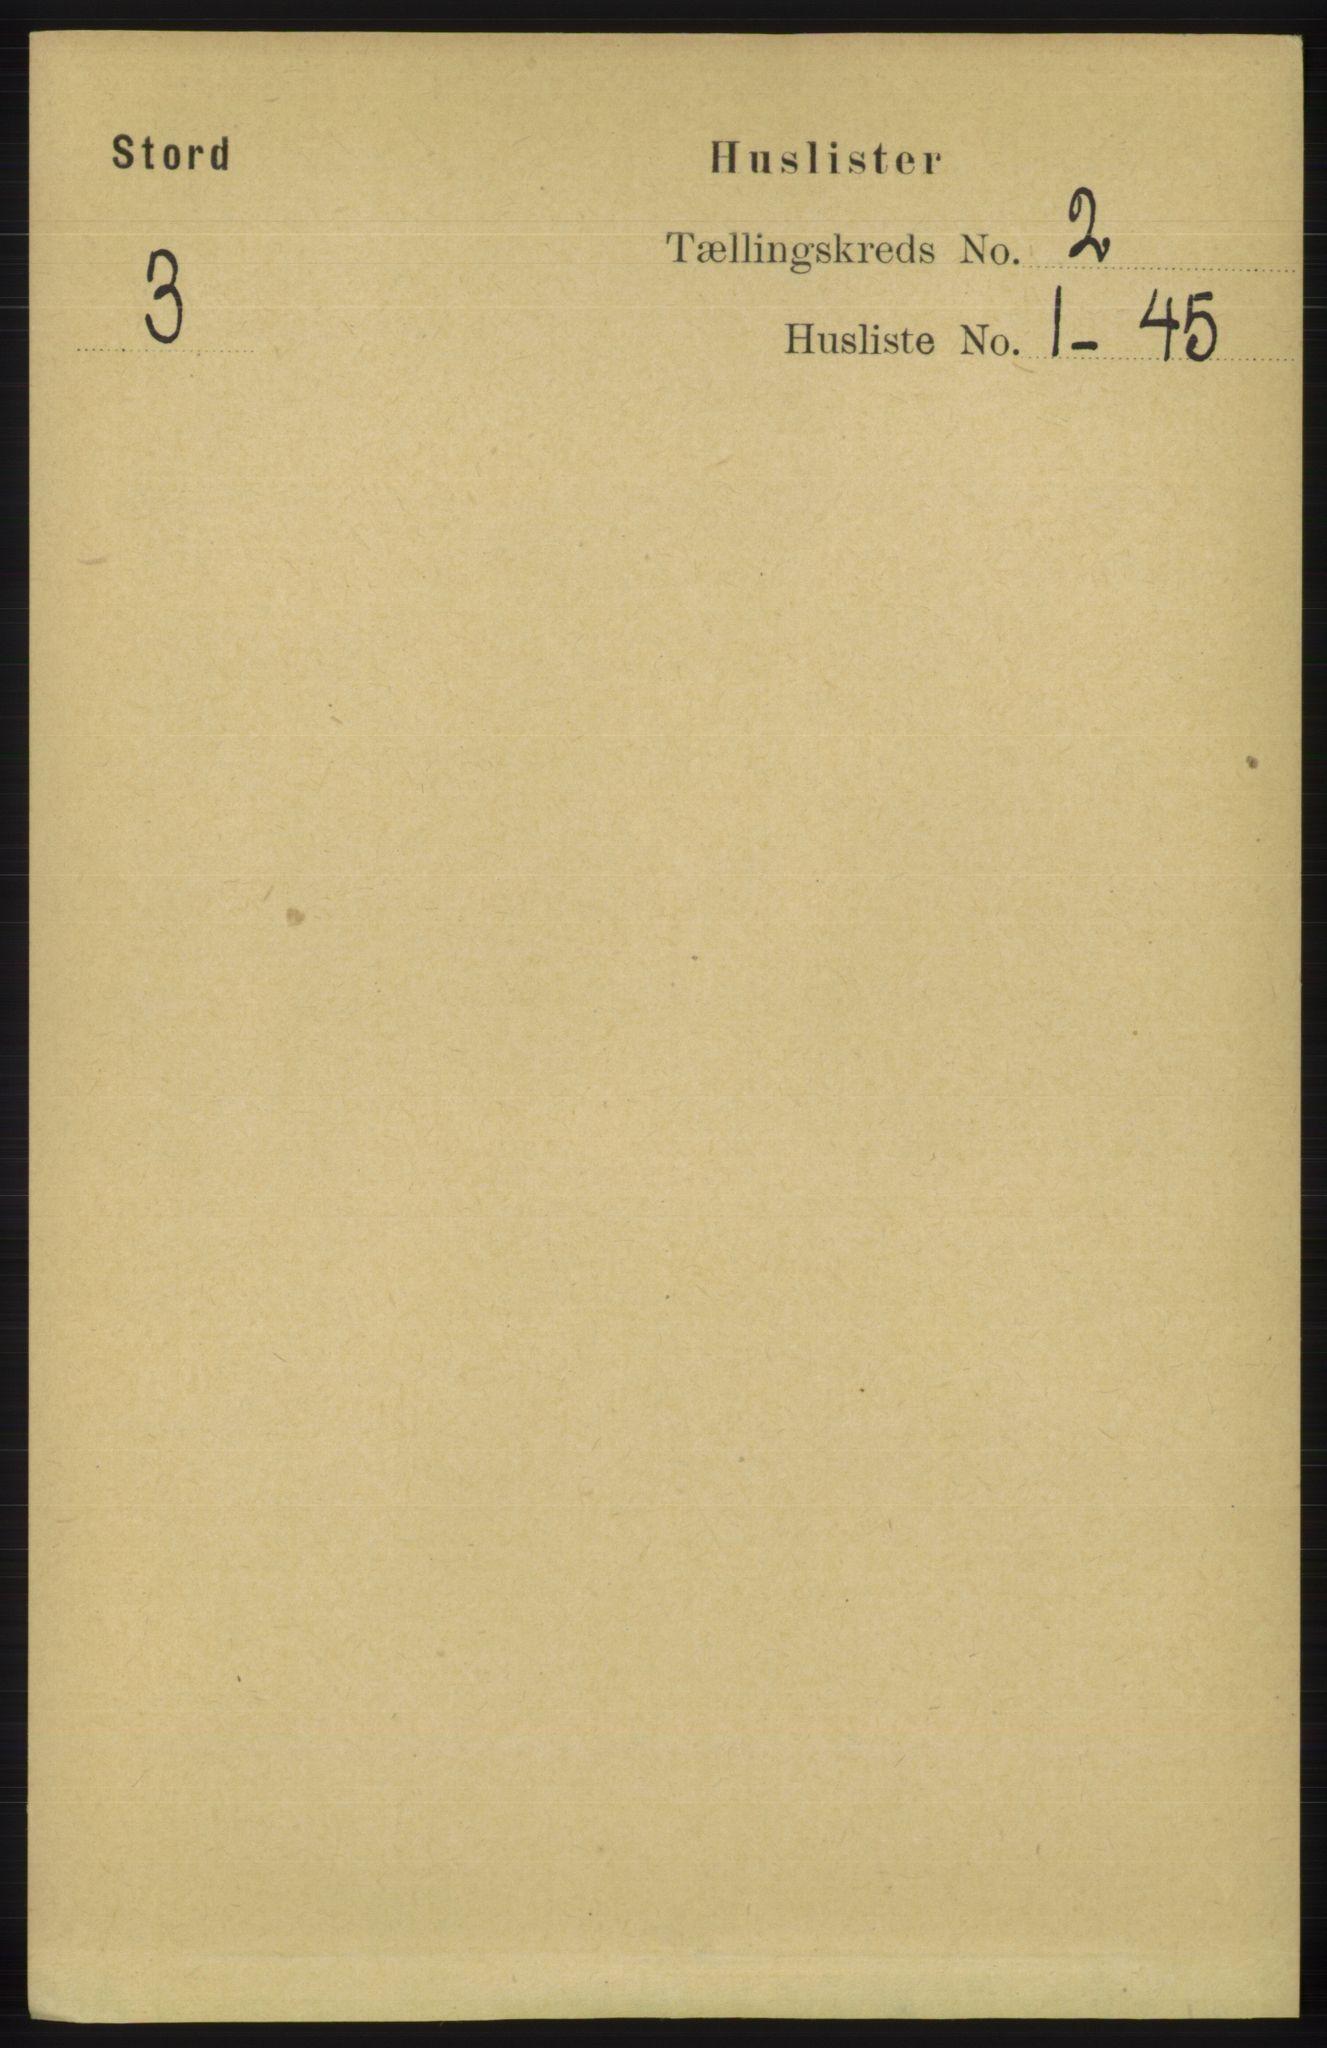 RA, Folketelling 1891 for 1221 Stord herred, 1891, s. 206